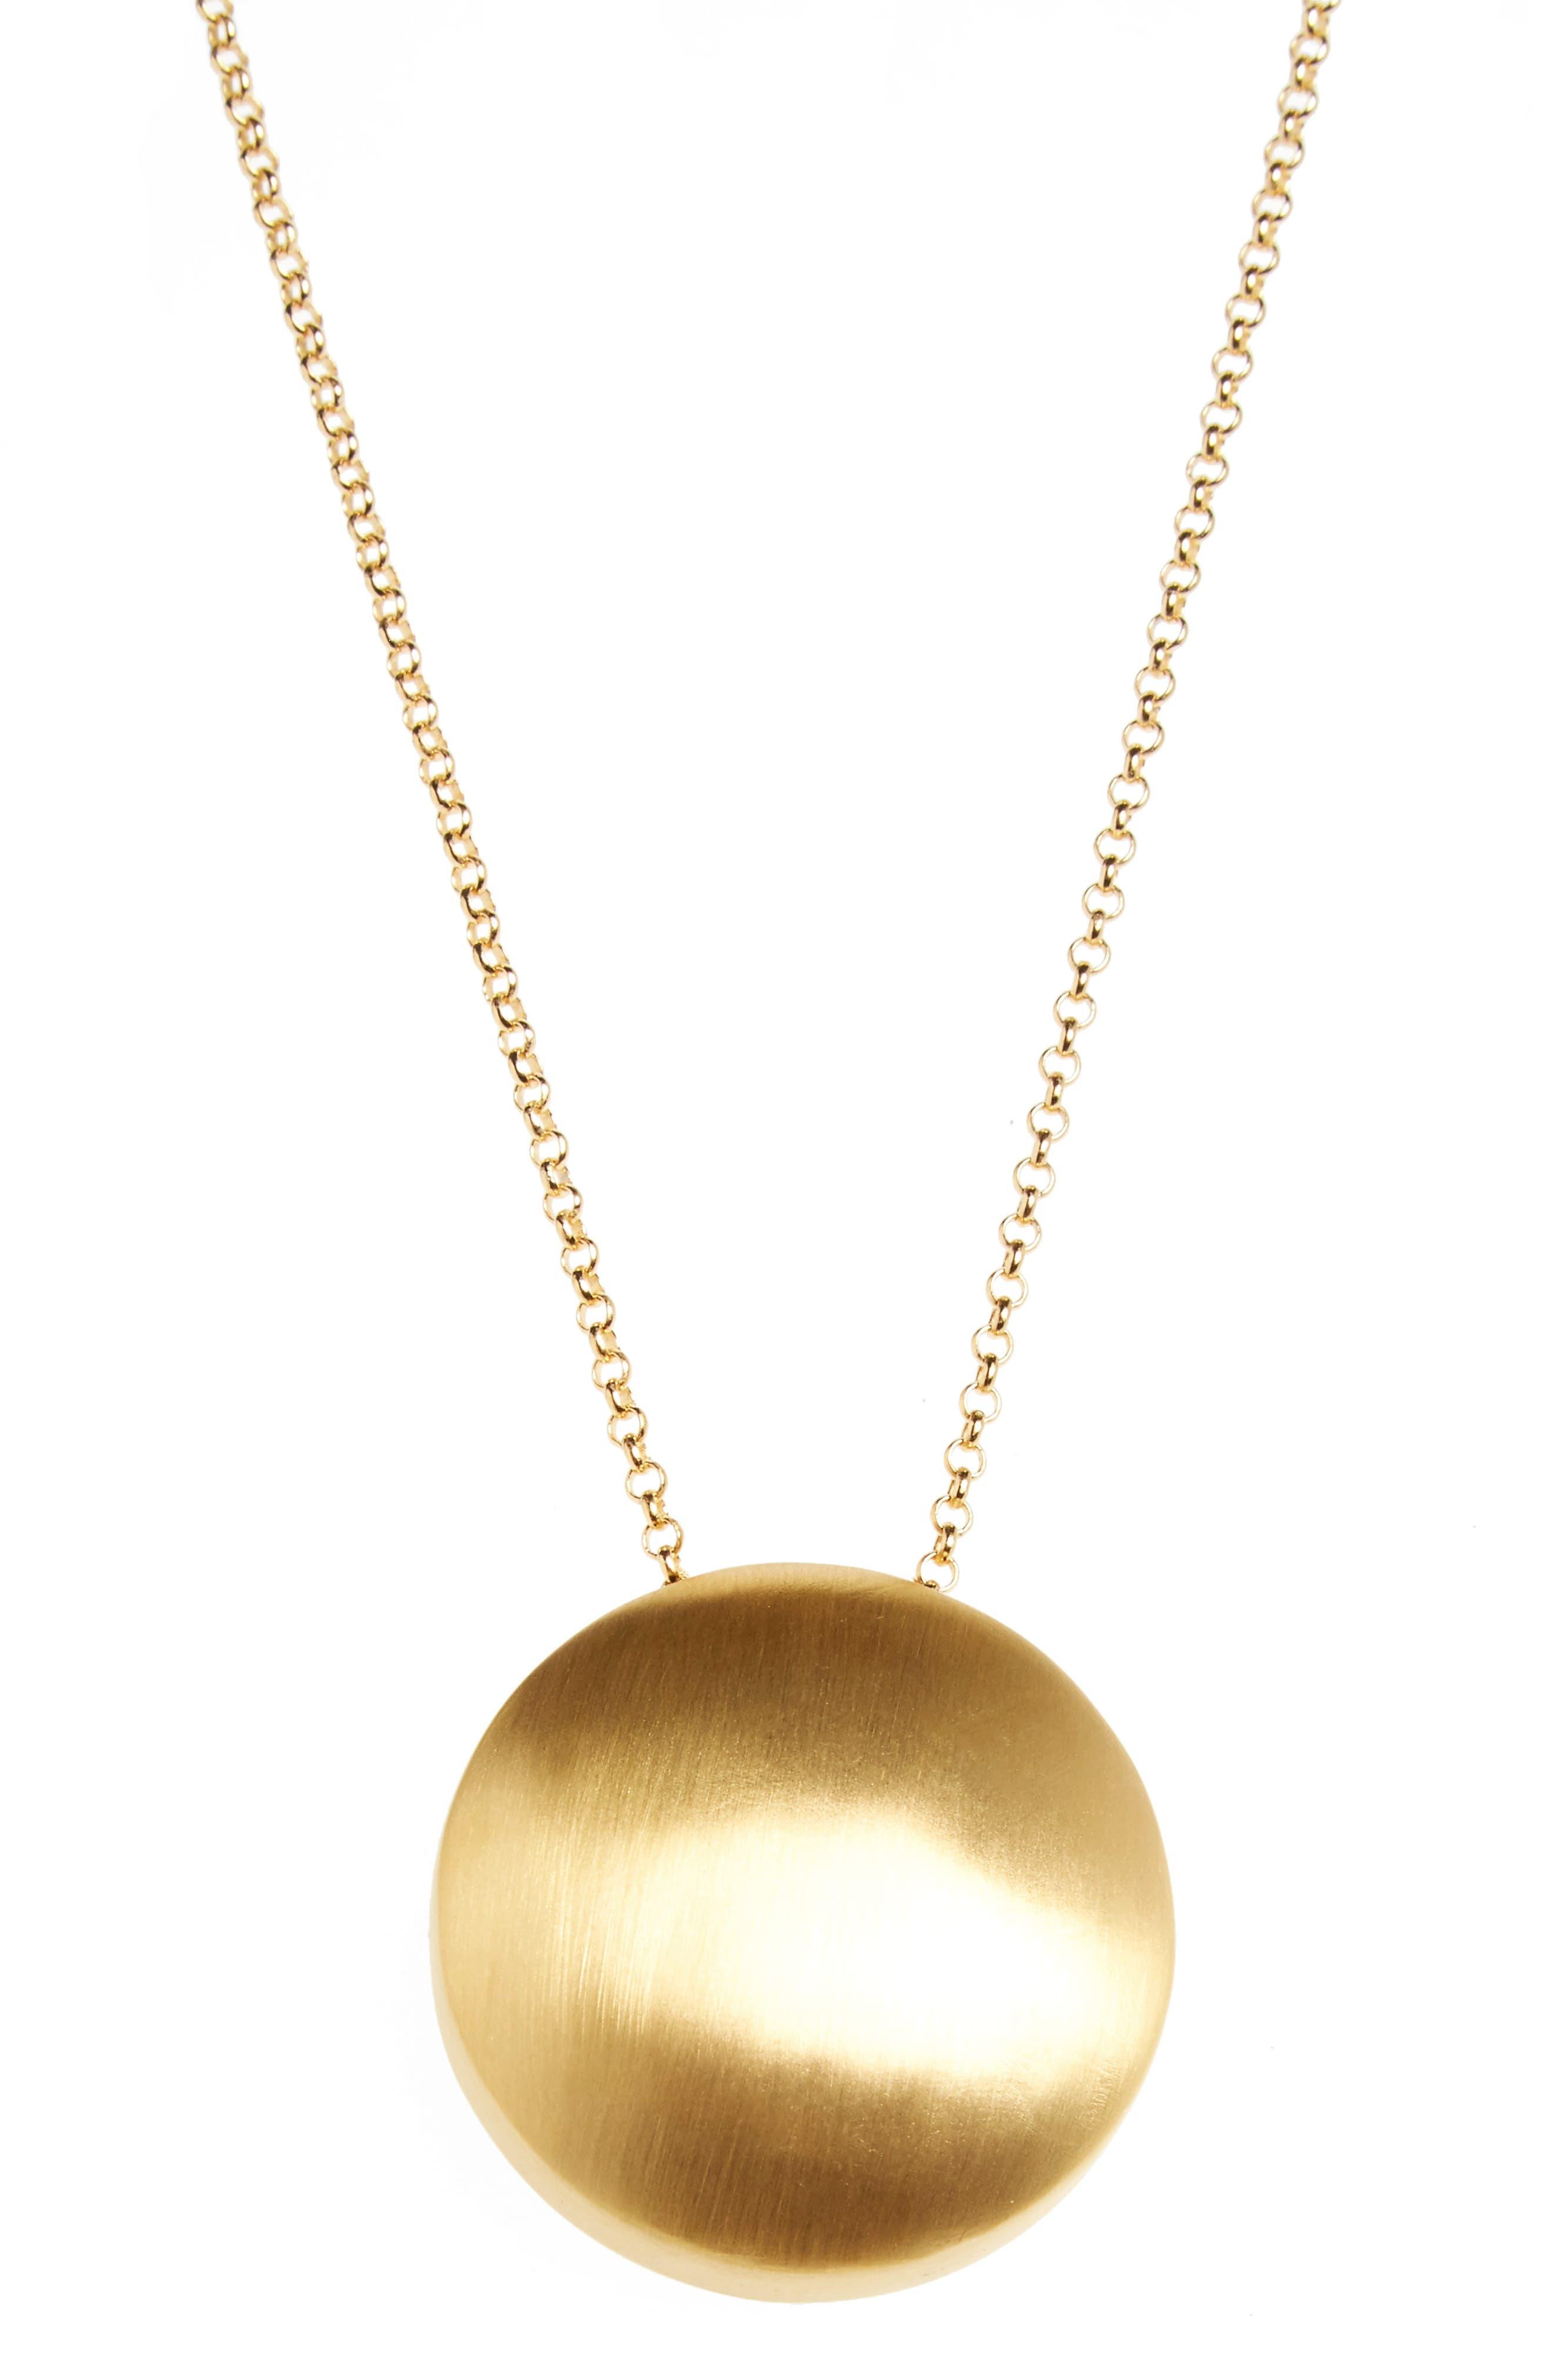 Sphere Pendant Necklace,                             Alternate thumbnail 2, color,                             Gold